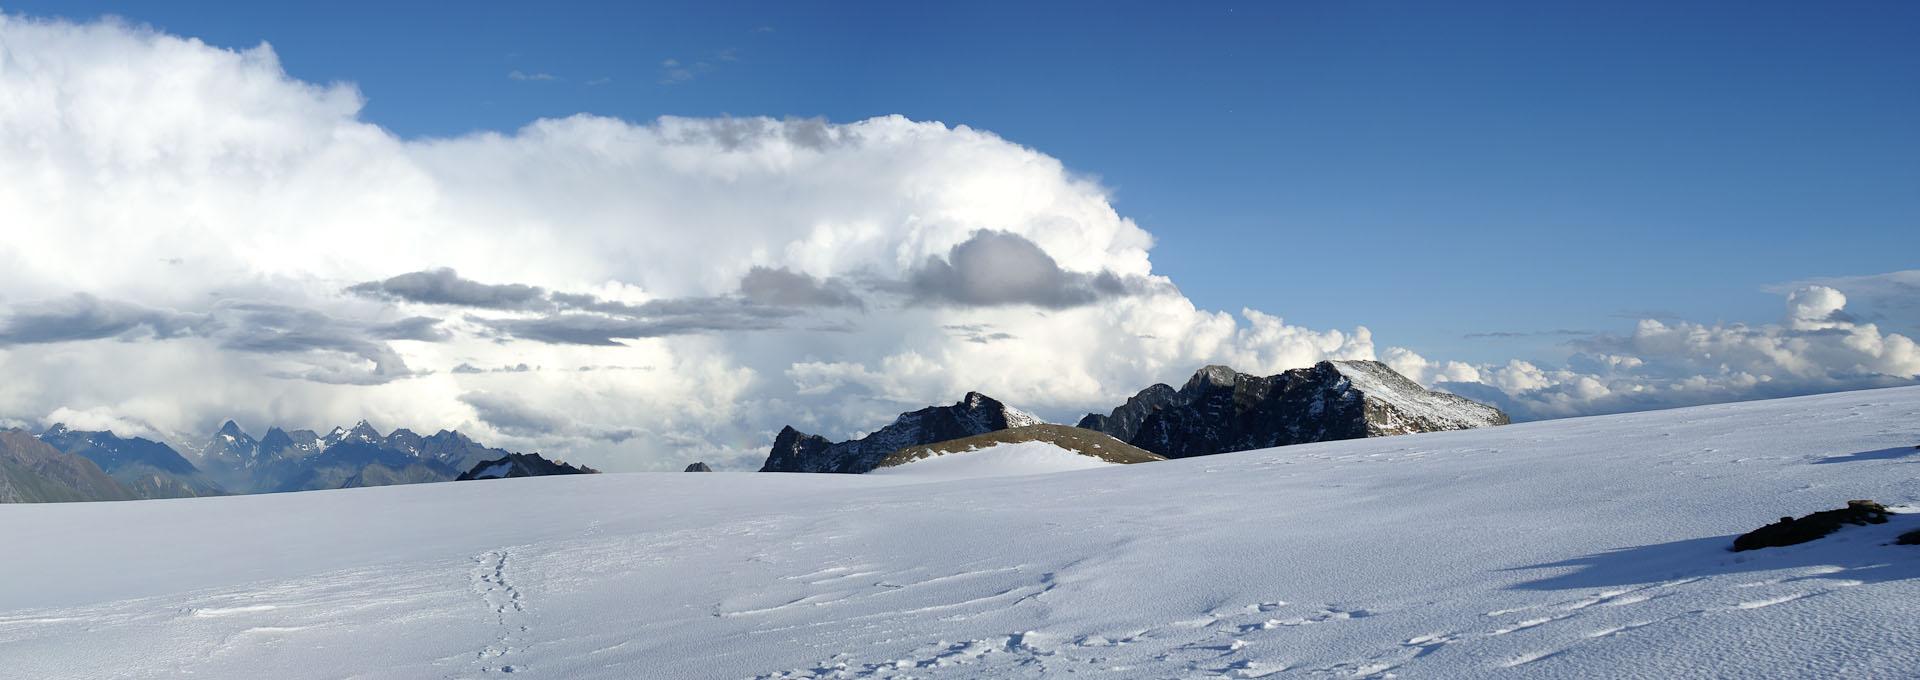 Ледниковое плат на Вершине в Альпах